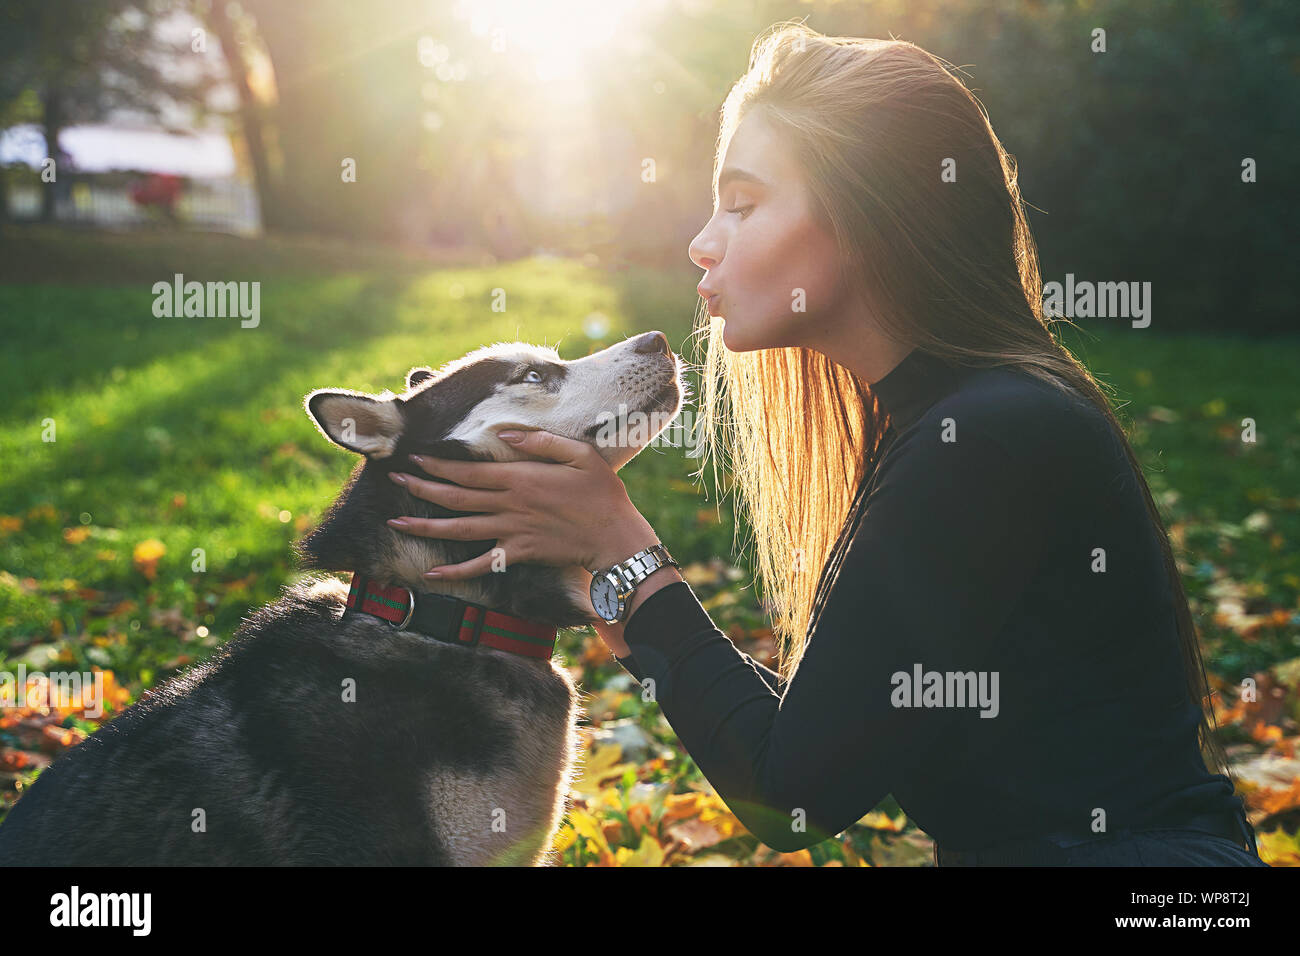 Hermosa joven jugando con su lindo perro husky pet en otoño parque cubierto con hojas caídas rojas y amarillas Foto de stock